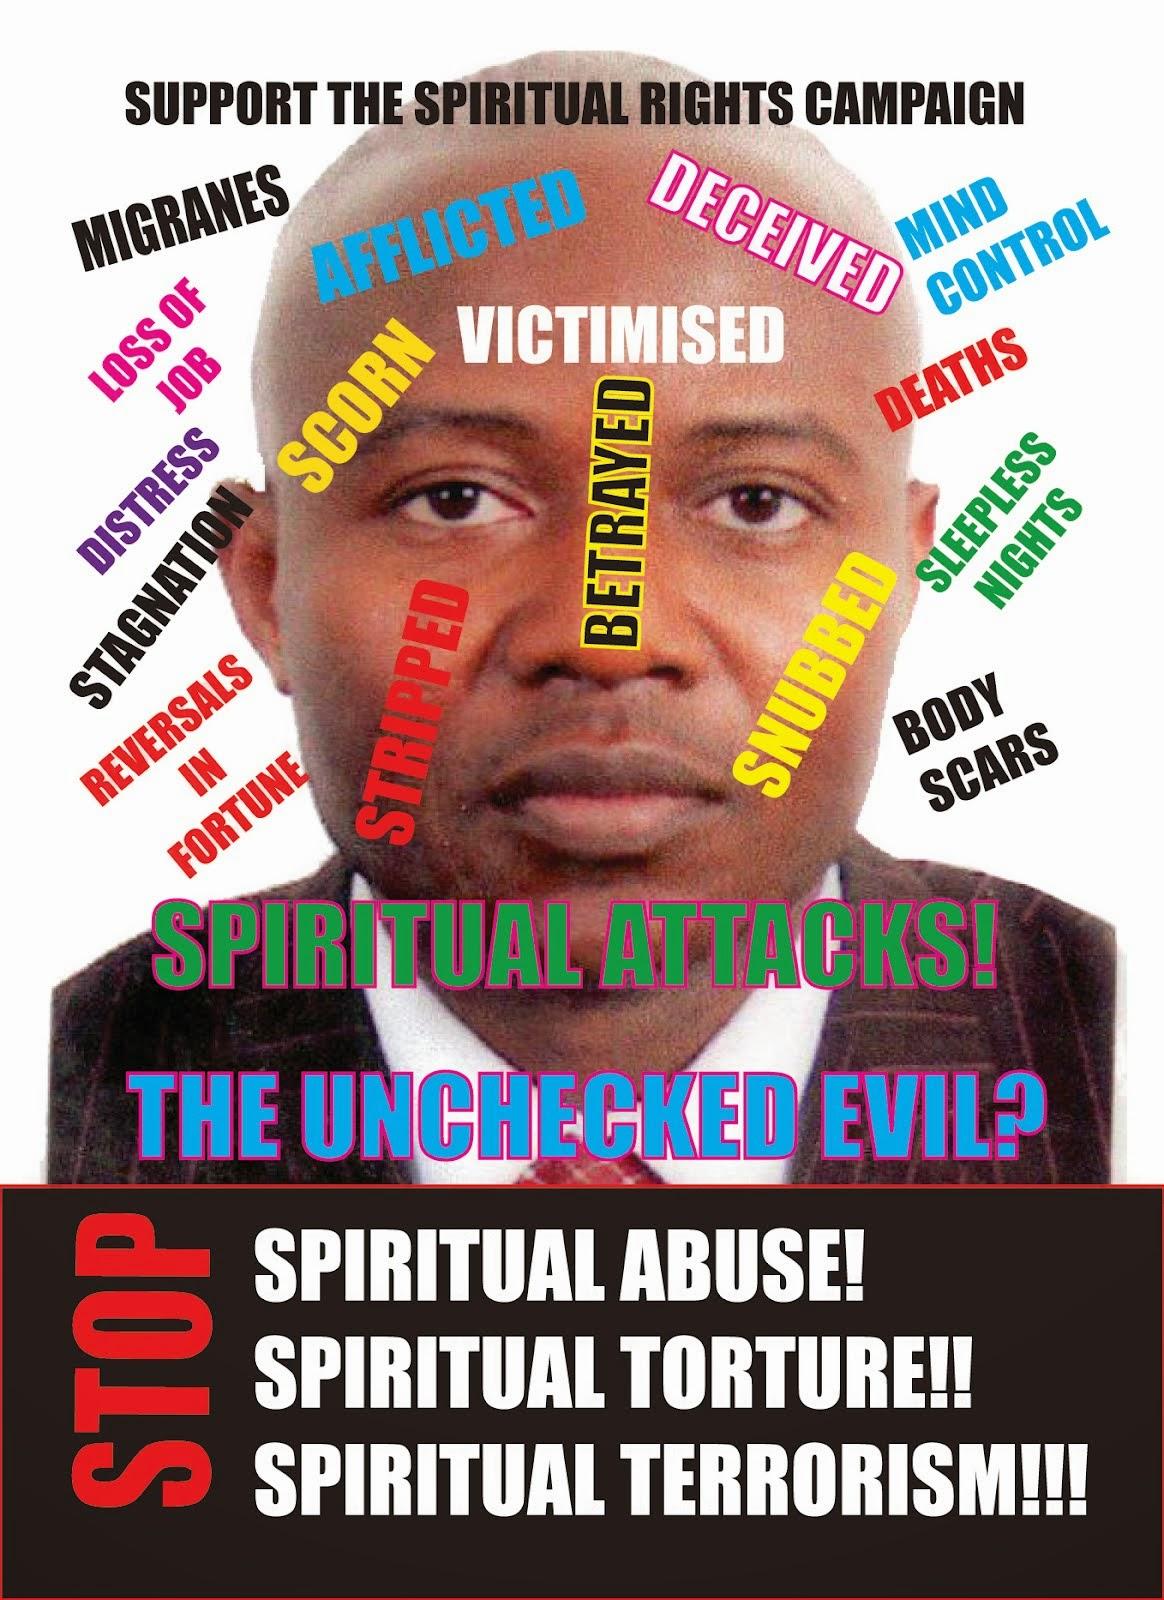 GO-PETITION CAMPAIN AGAINST SPIRITUAL TERRORISM